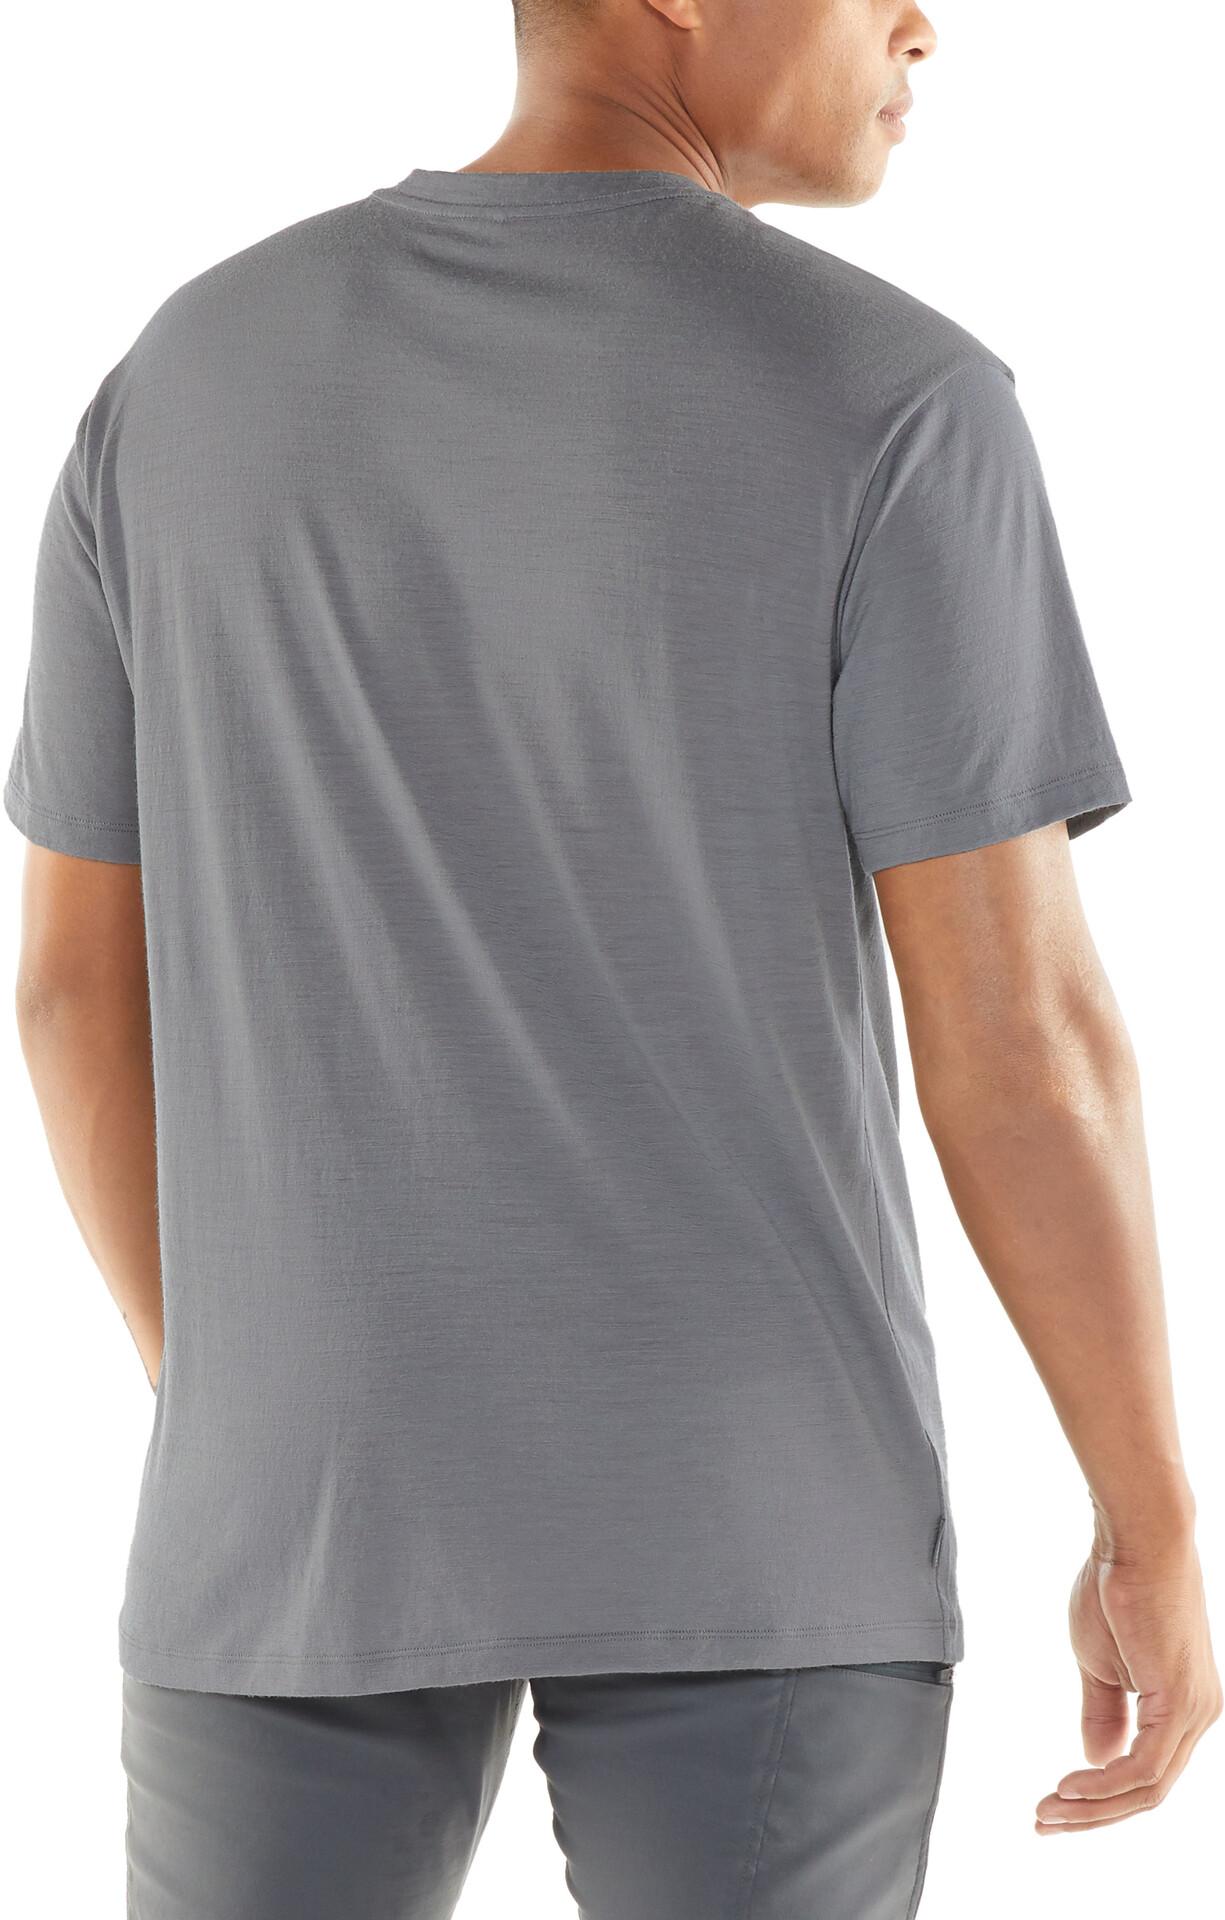 Icebreaker Tech Lite Made Different T shirt Herrer, timberwolf